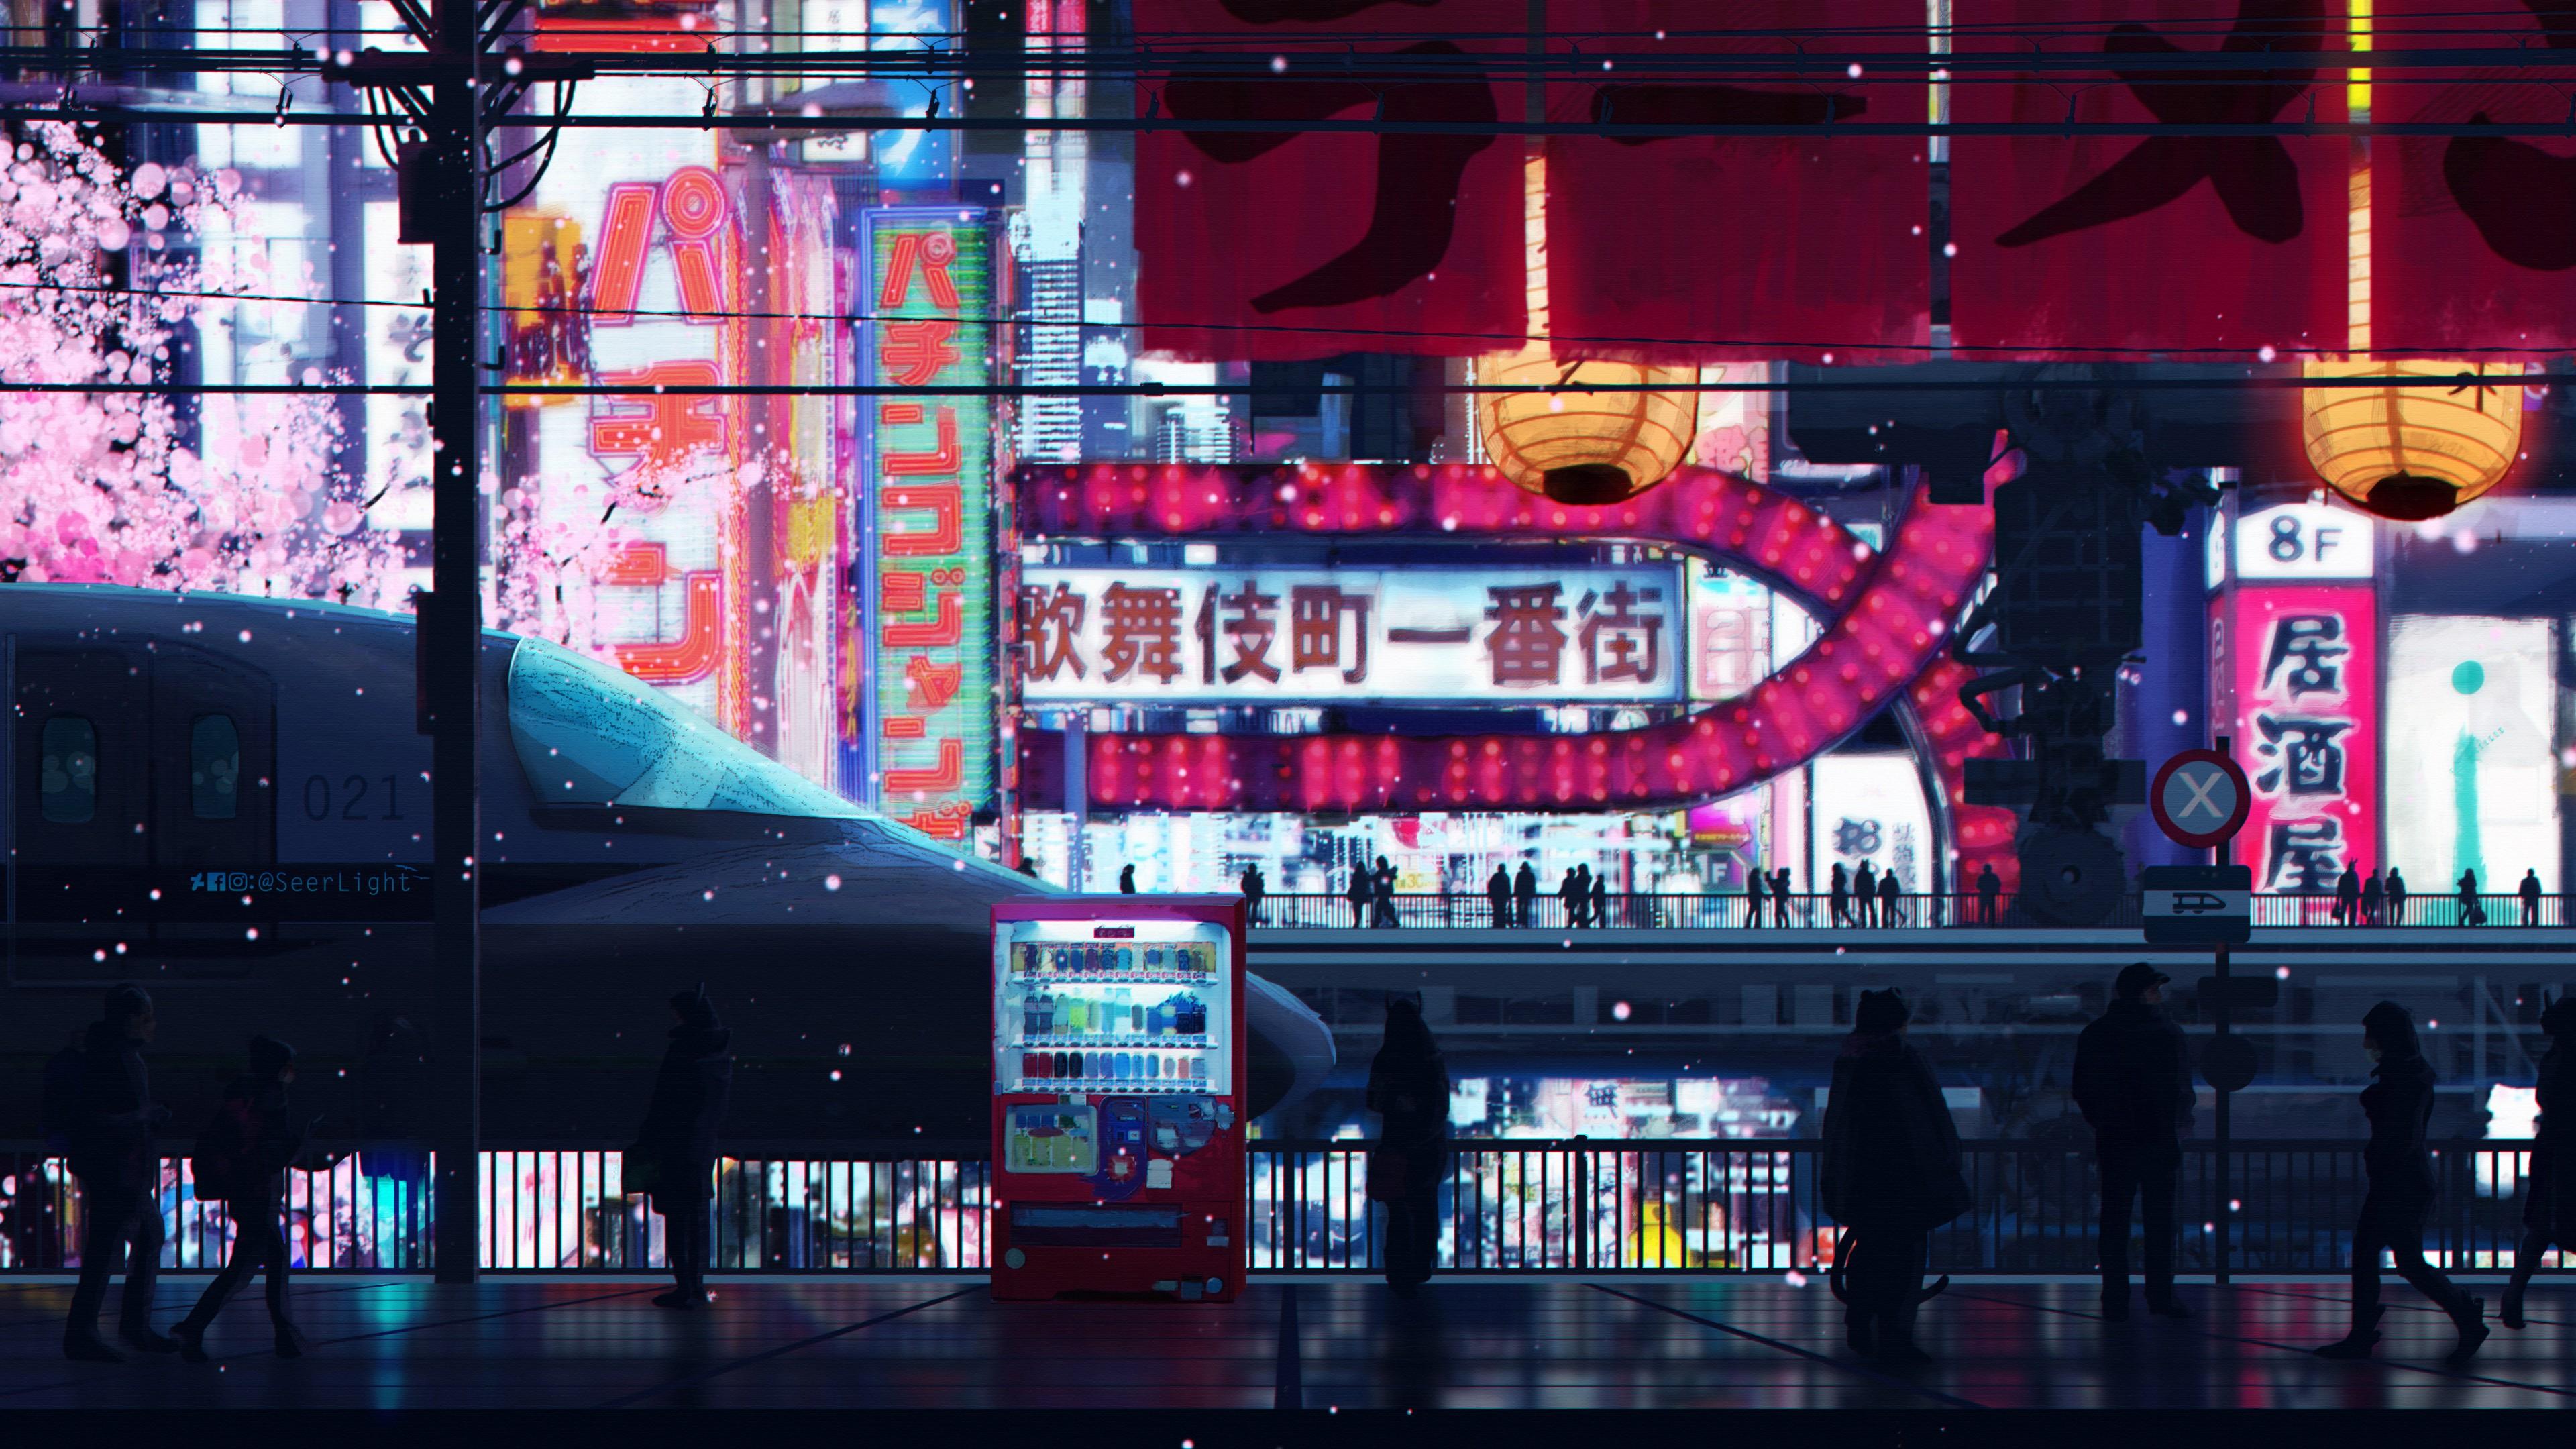 Wallpaper Cyberpunkstreets, City, People, 4K, Art #18492